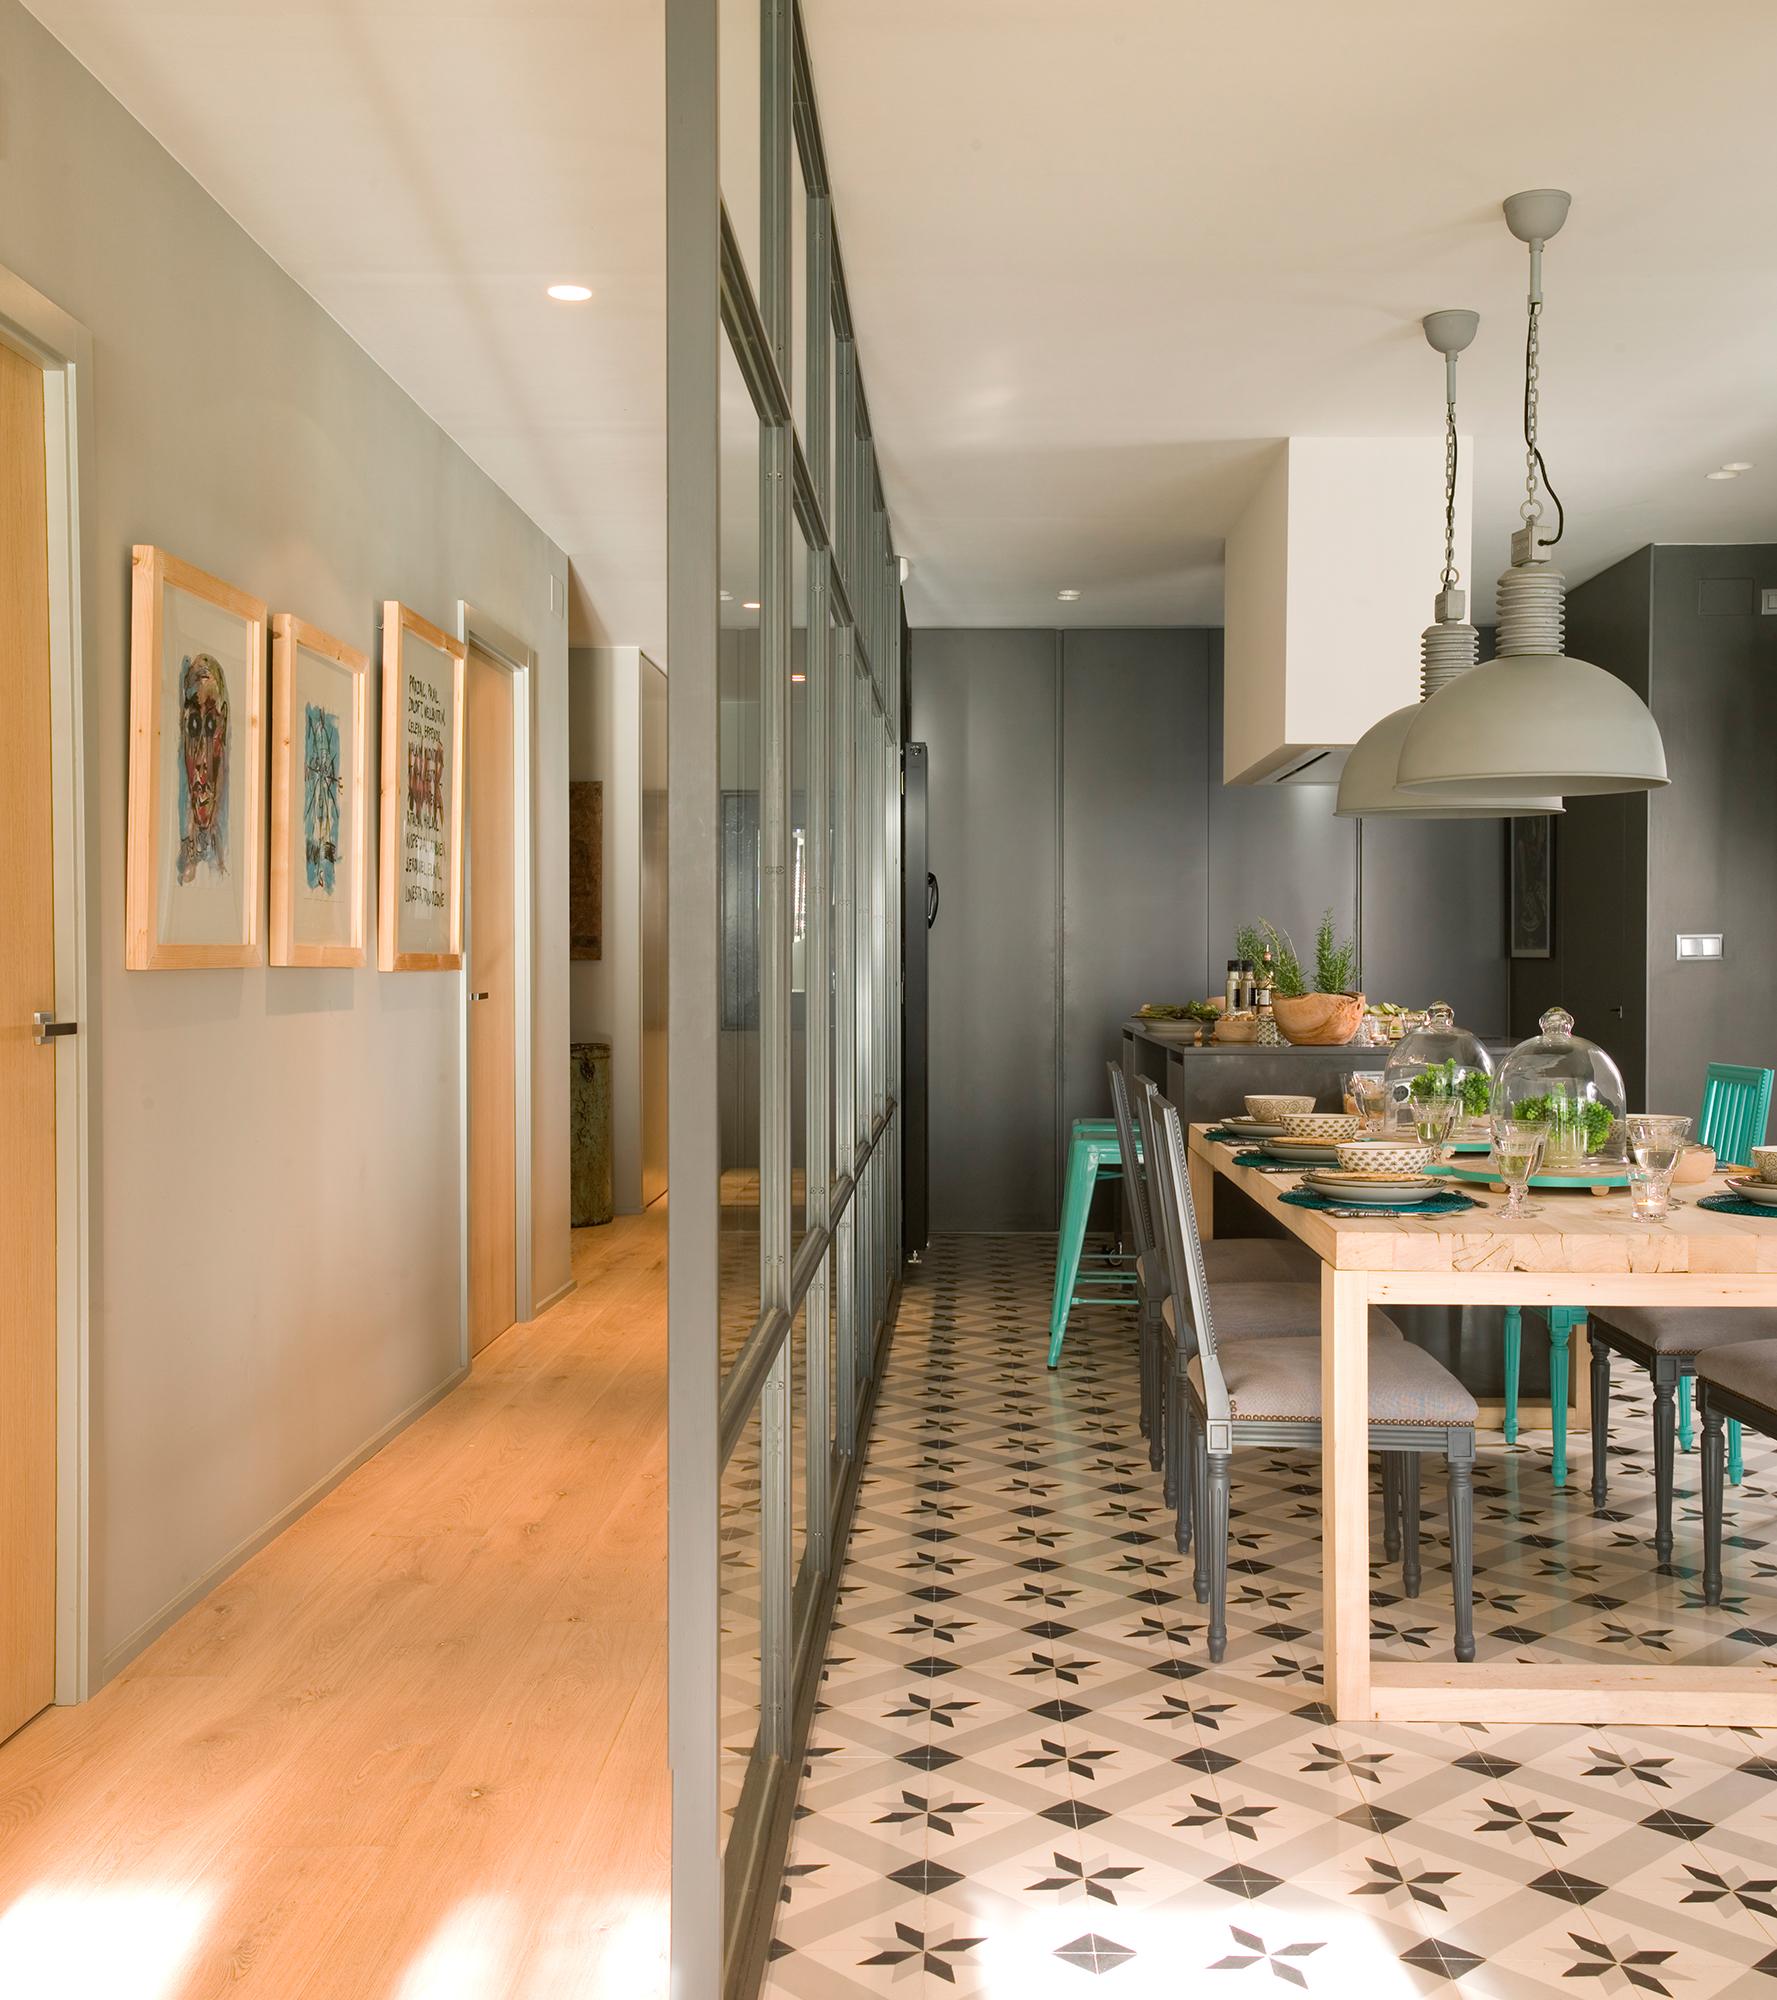 Pasillos 9 ideas para decorarlos con estilo - Decorar pasillos con cuadros ...